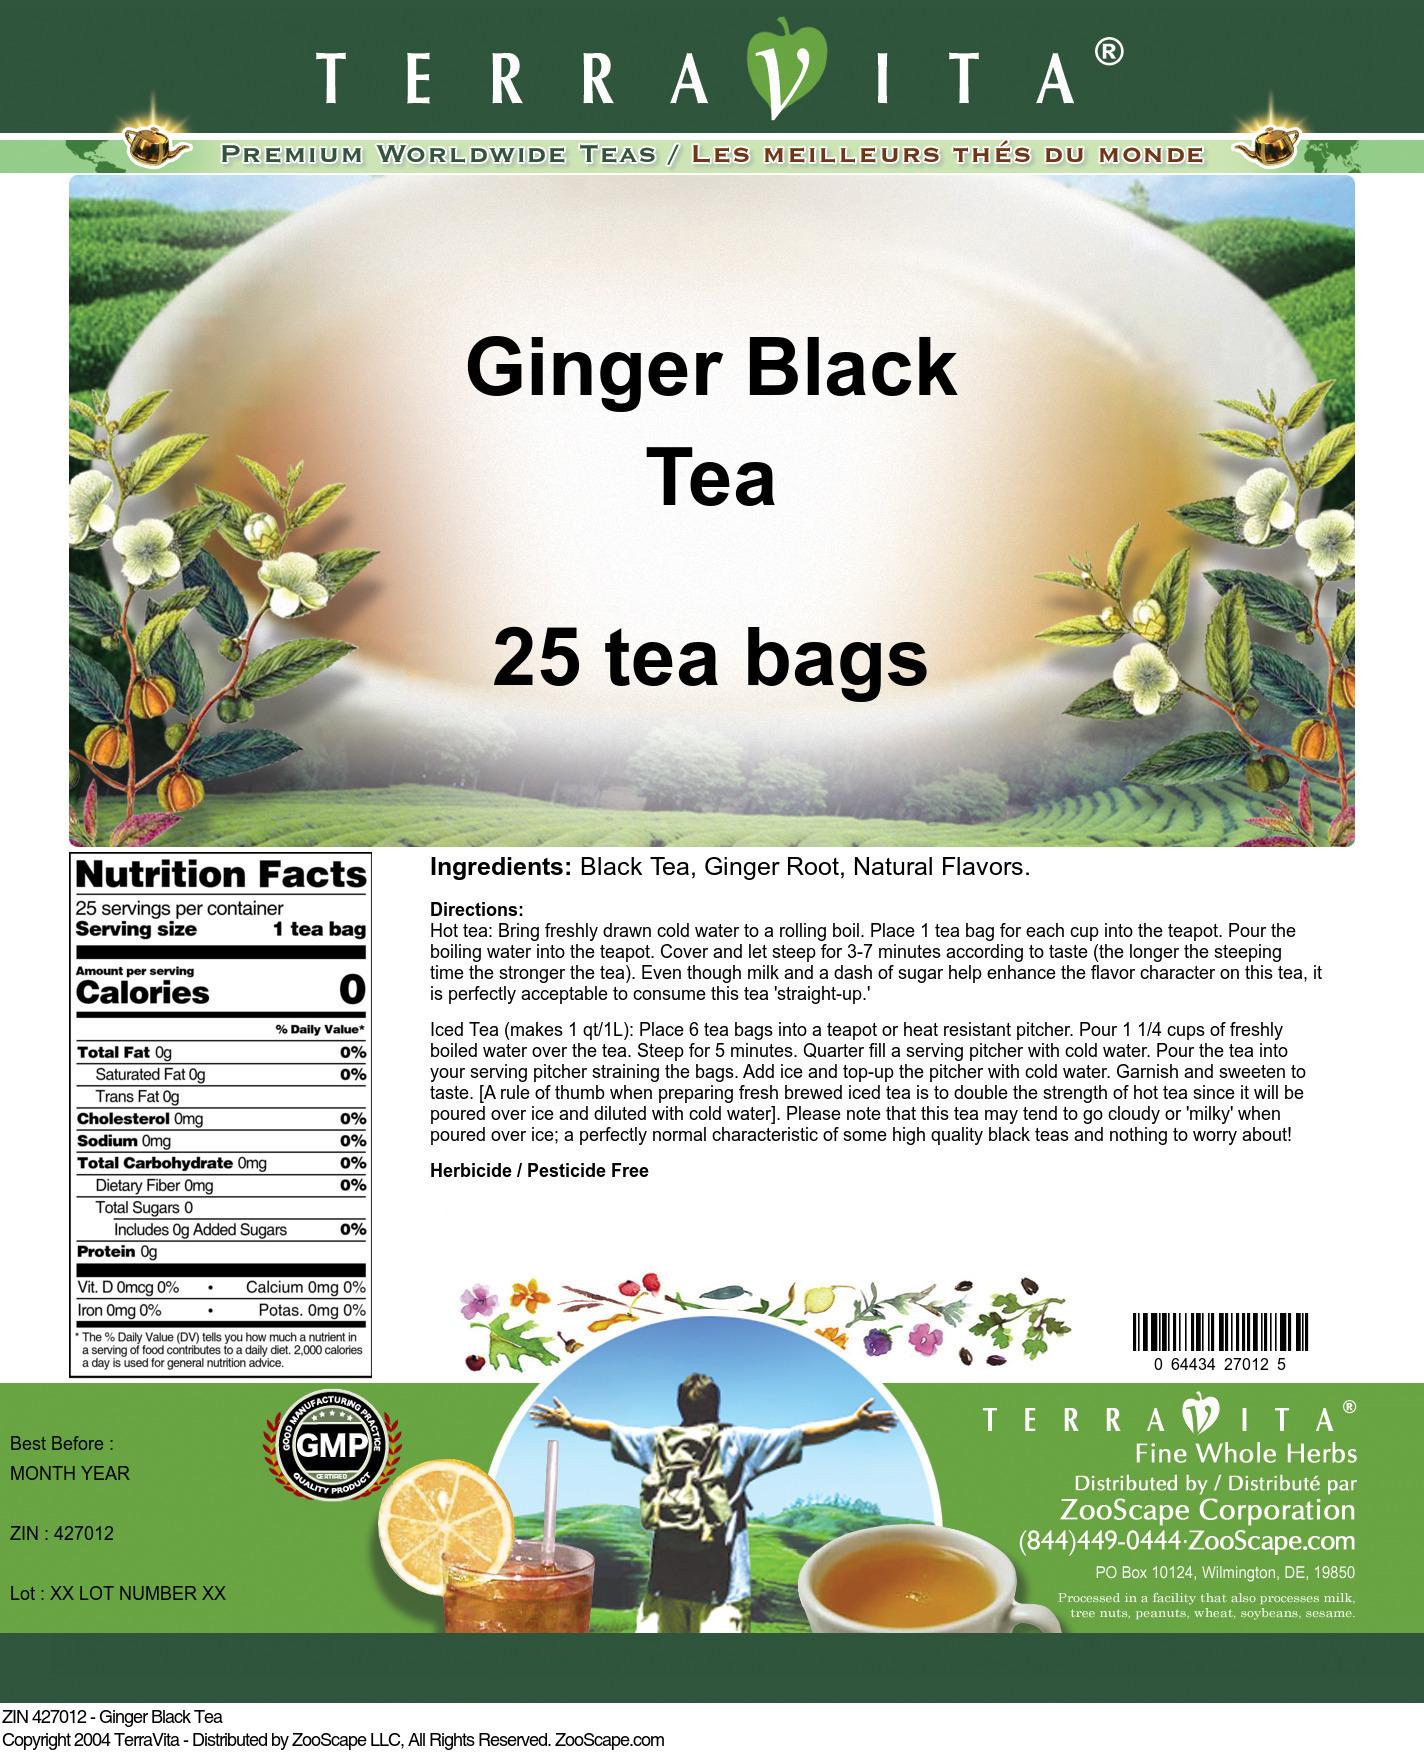 Ginger Black Tea